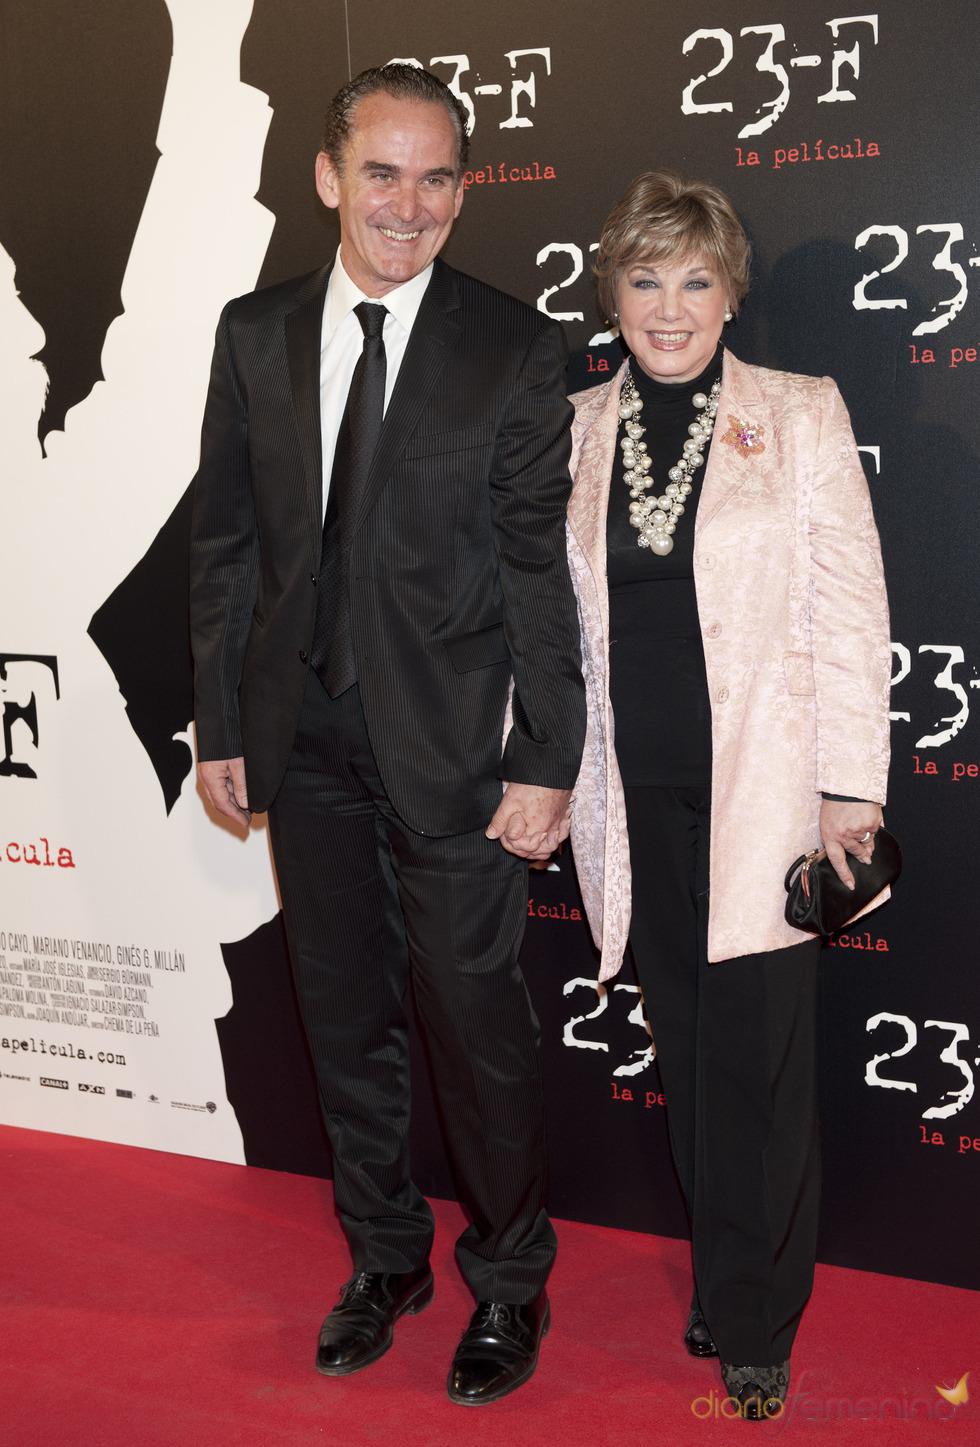 Karina y su novio, en el estreno de 23-F